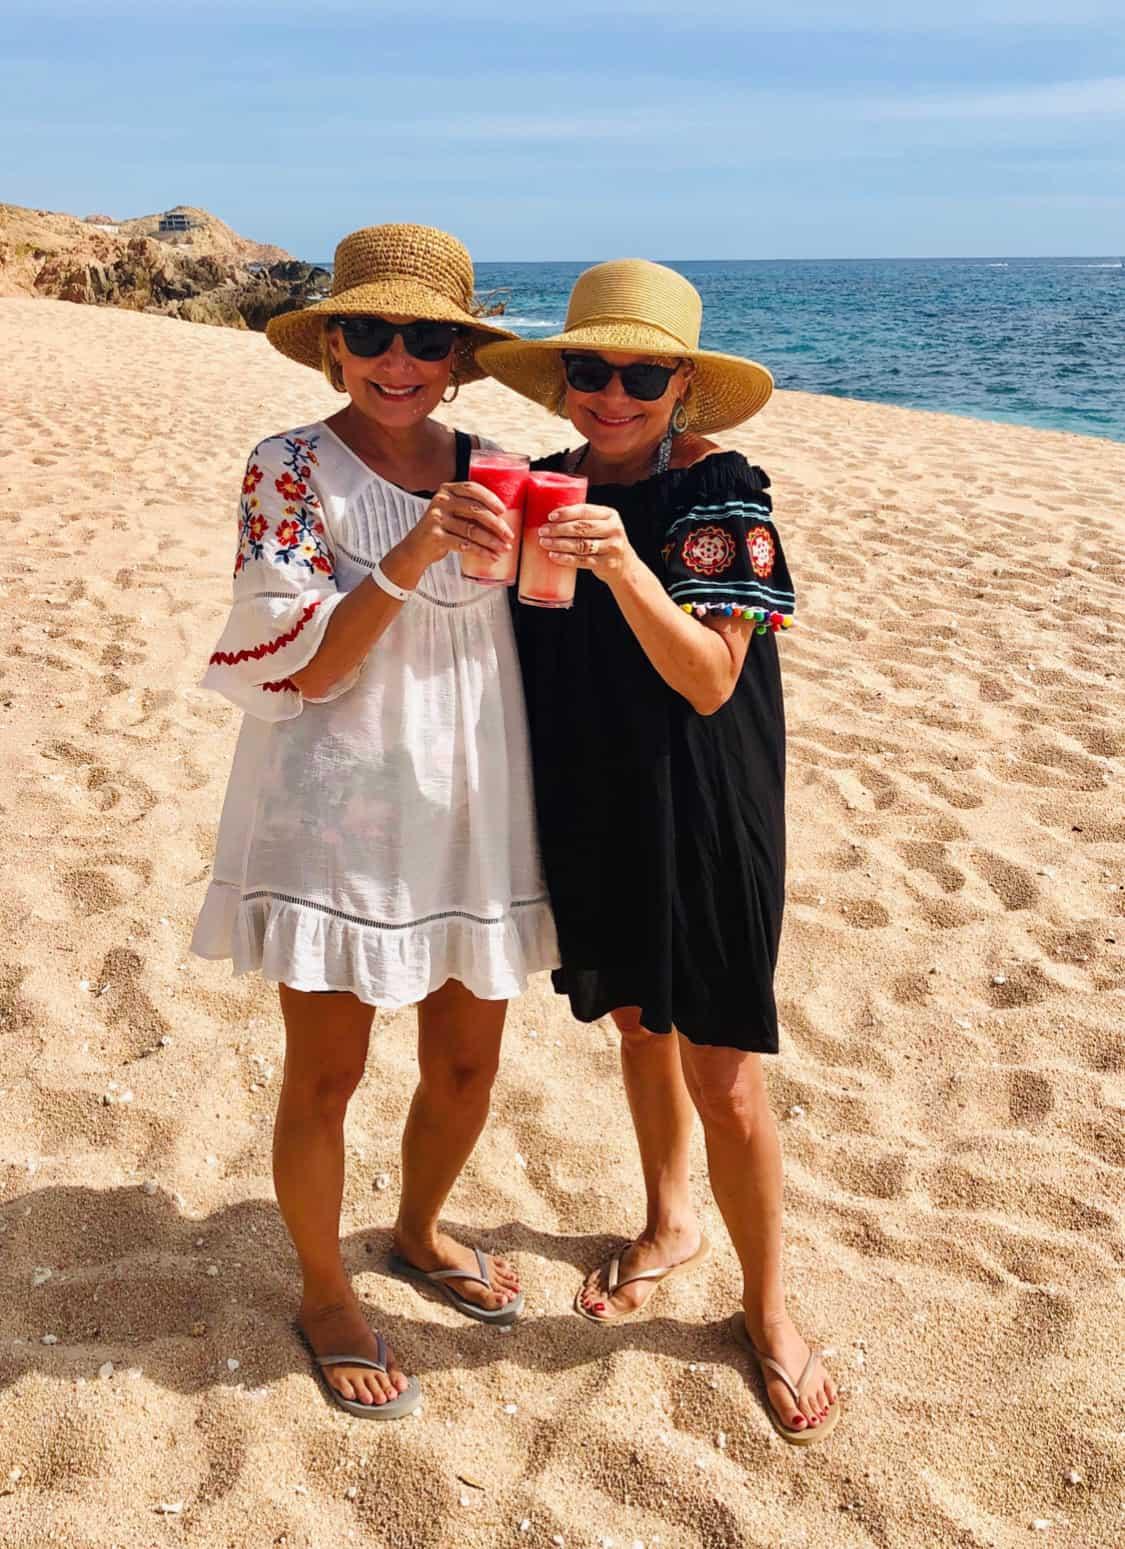 mona and talena on vacation